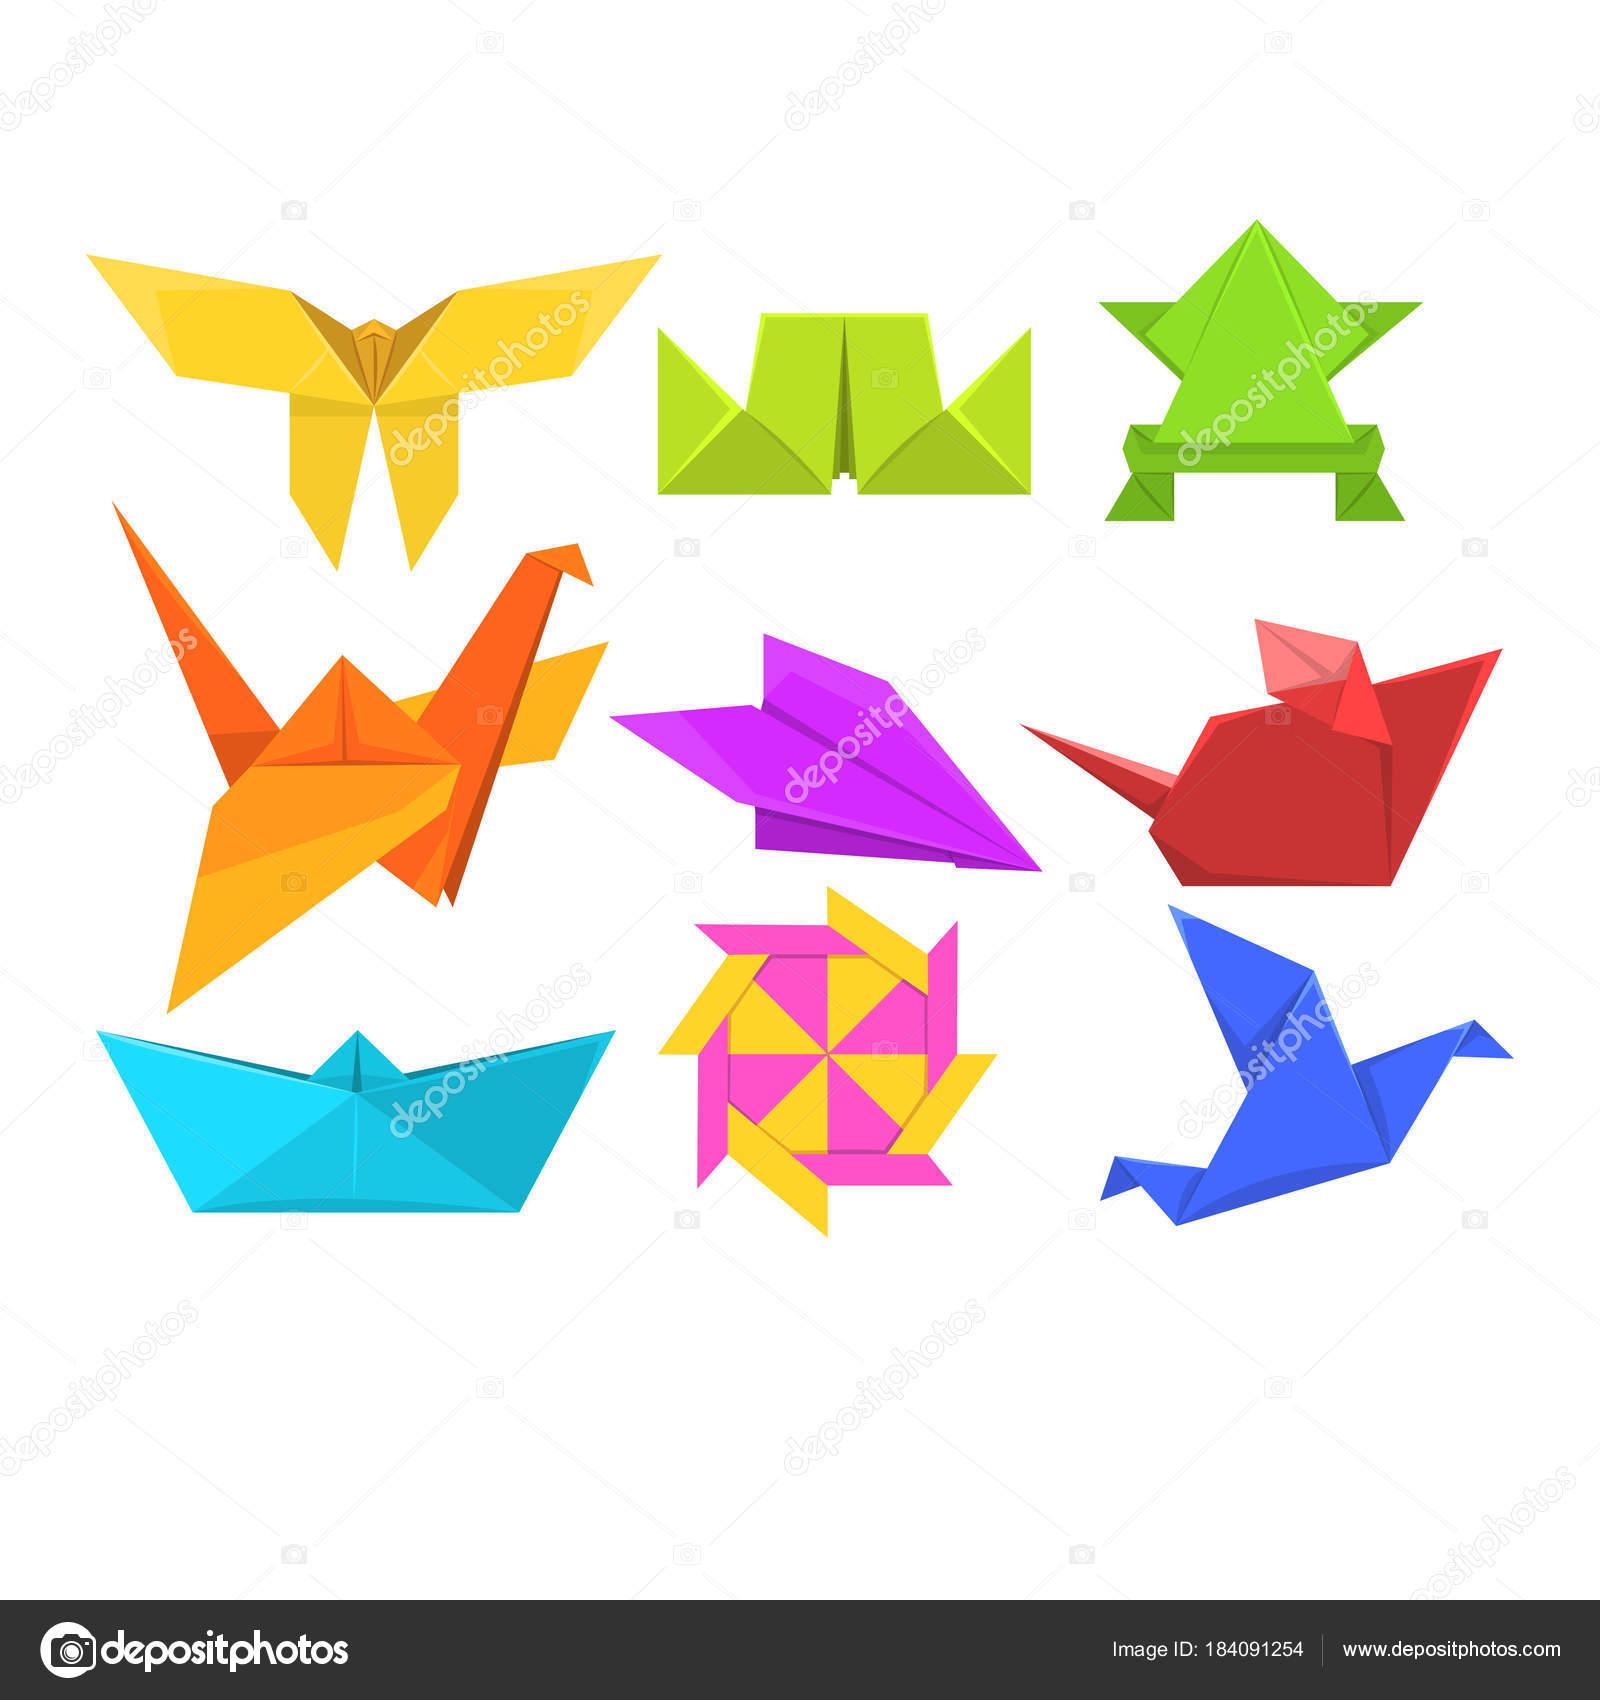 動物折り紙セット幾何学的な紙の動物や鳥のベクトル イラスト